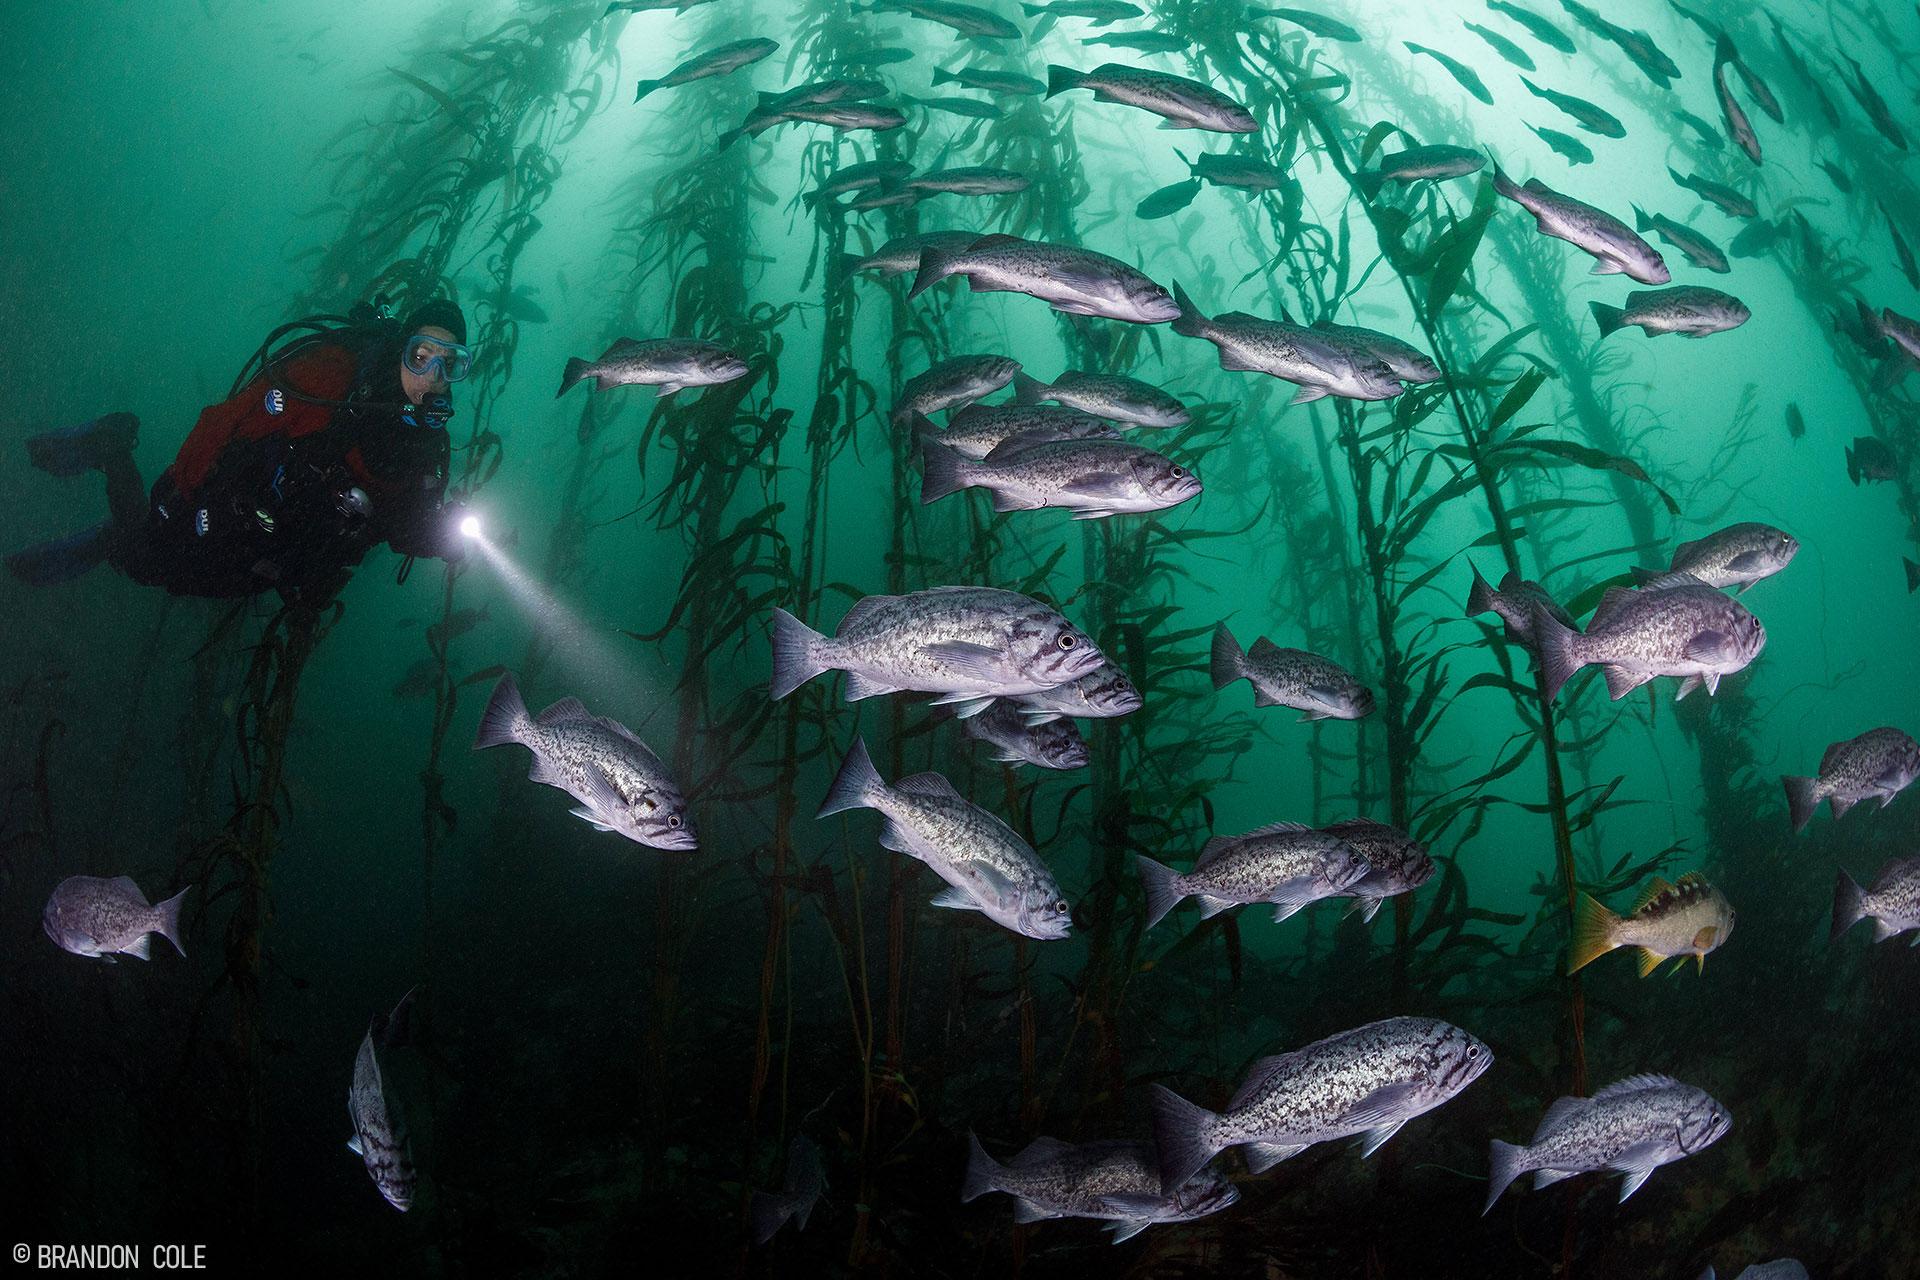 Silver-colored blue rockfish swim in a green sea.